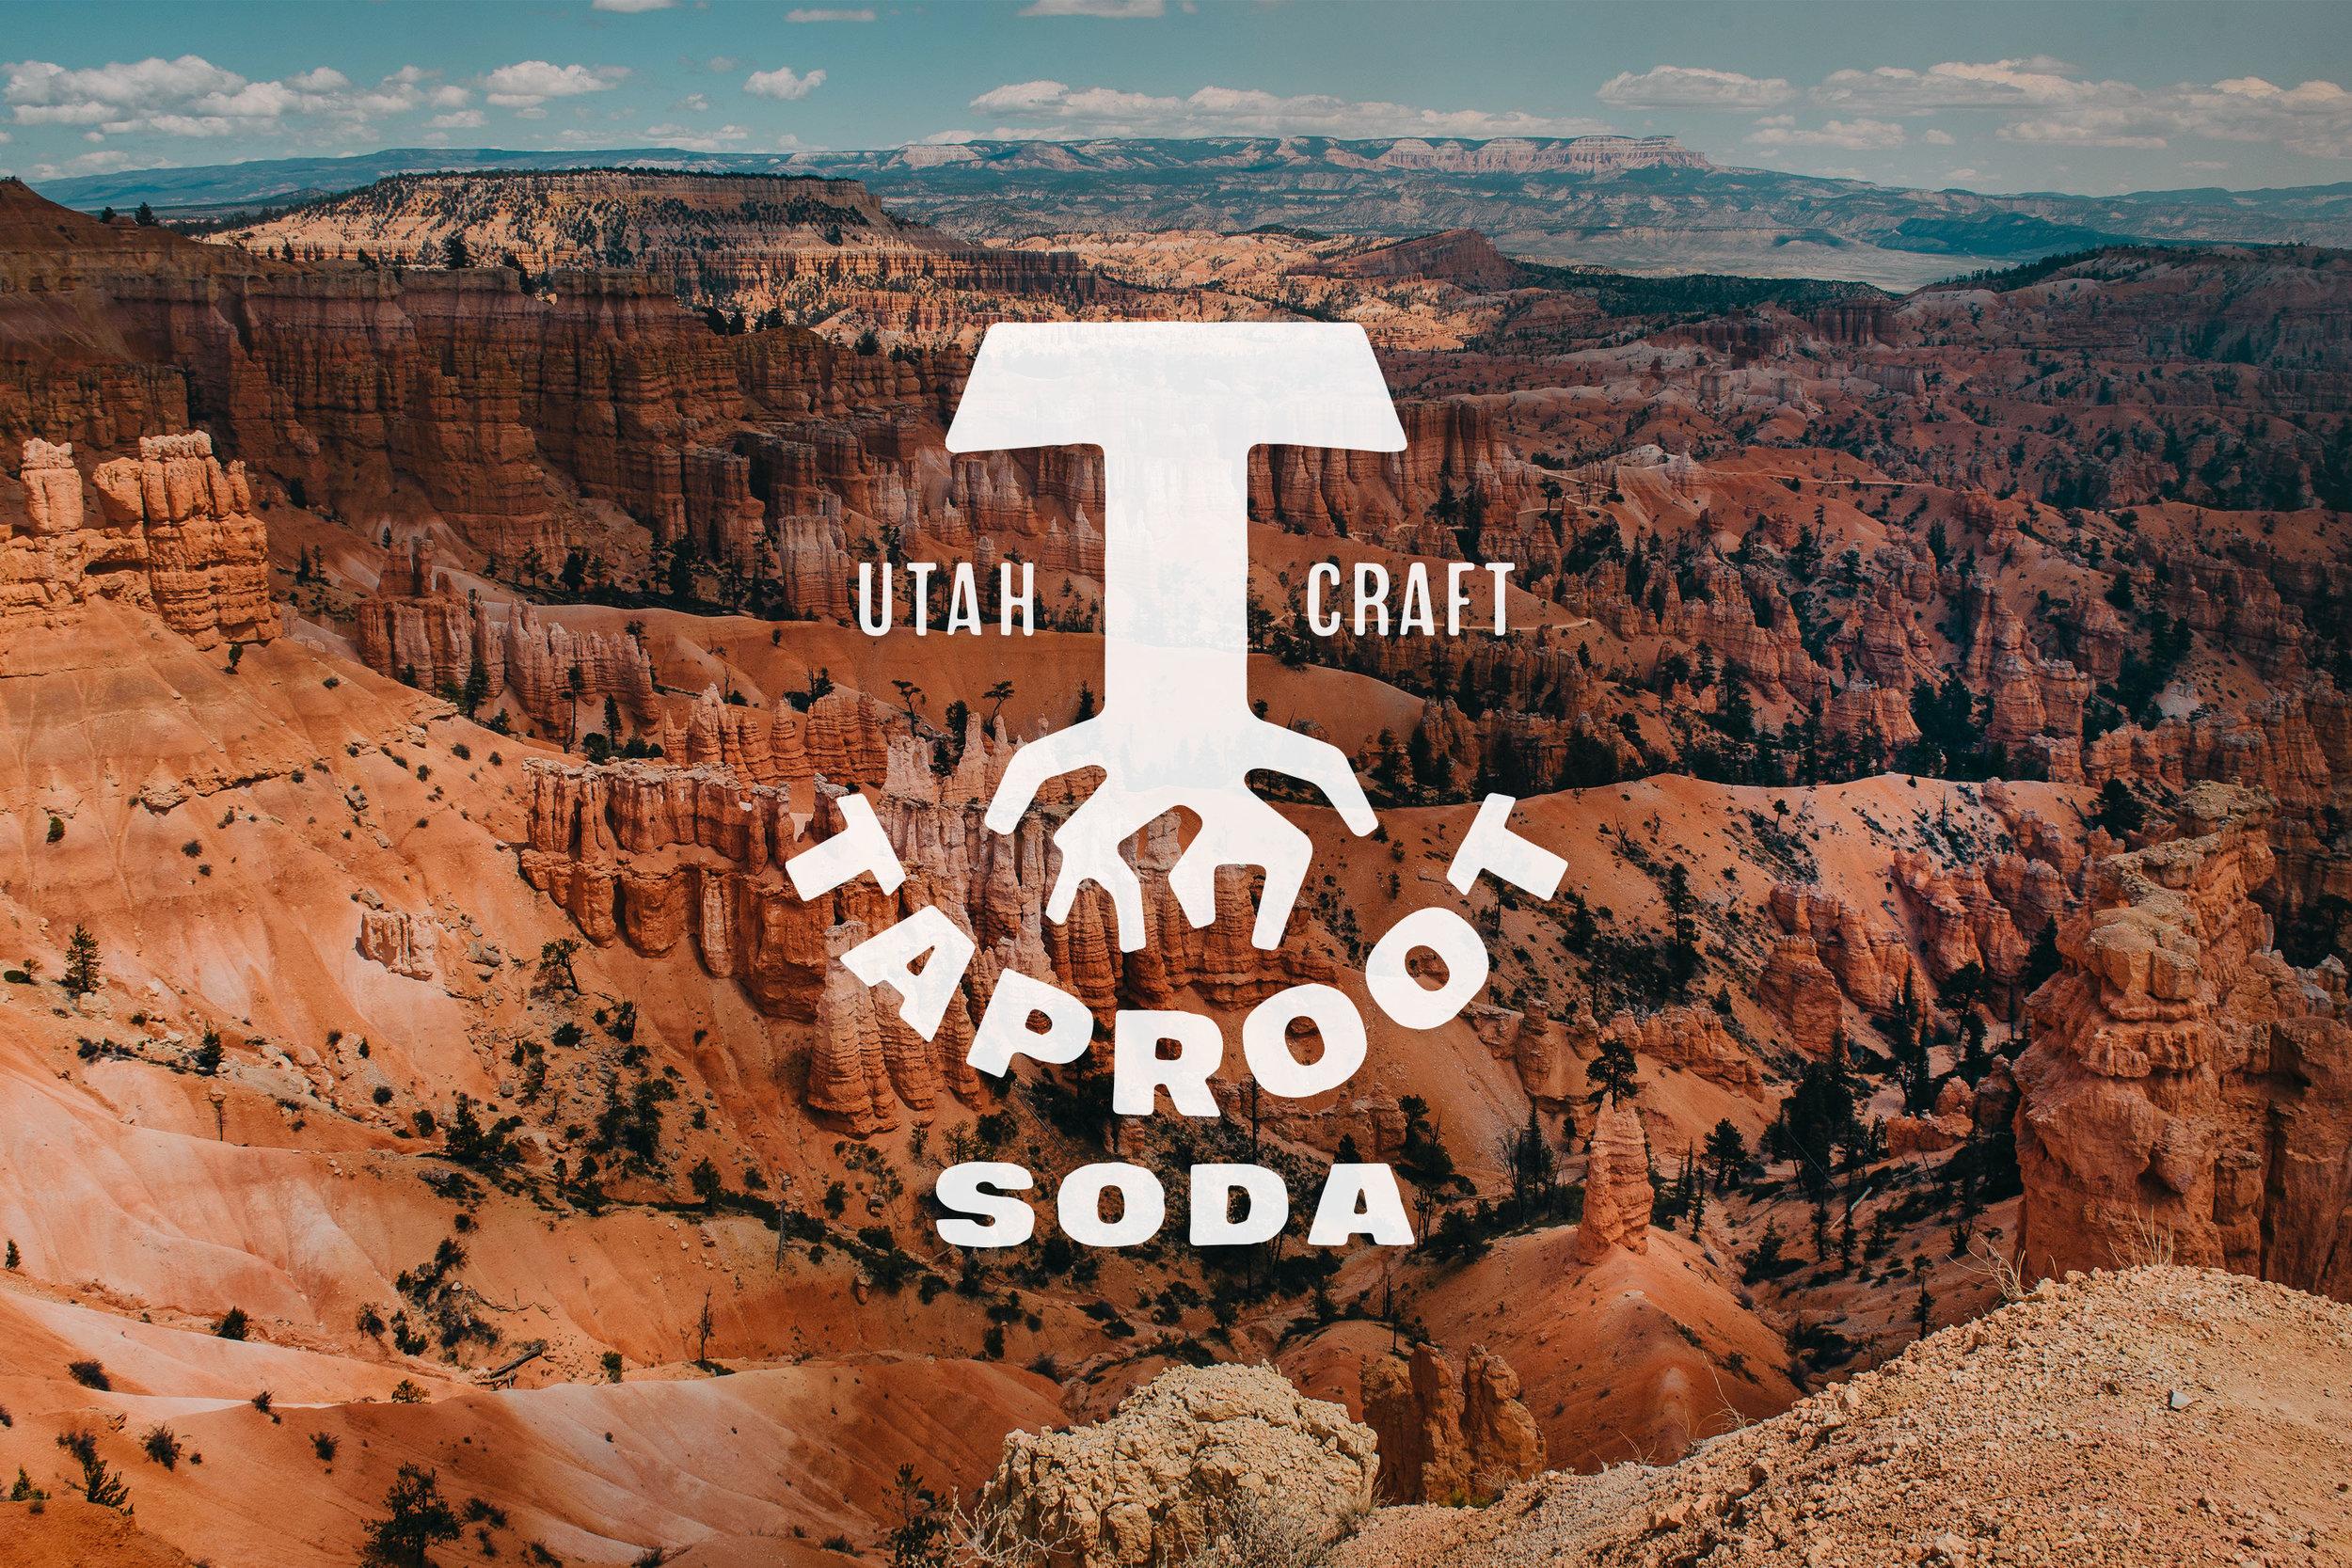 Taproot Soda Branding